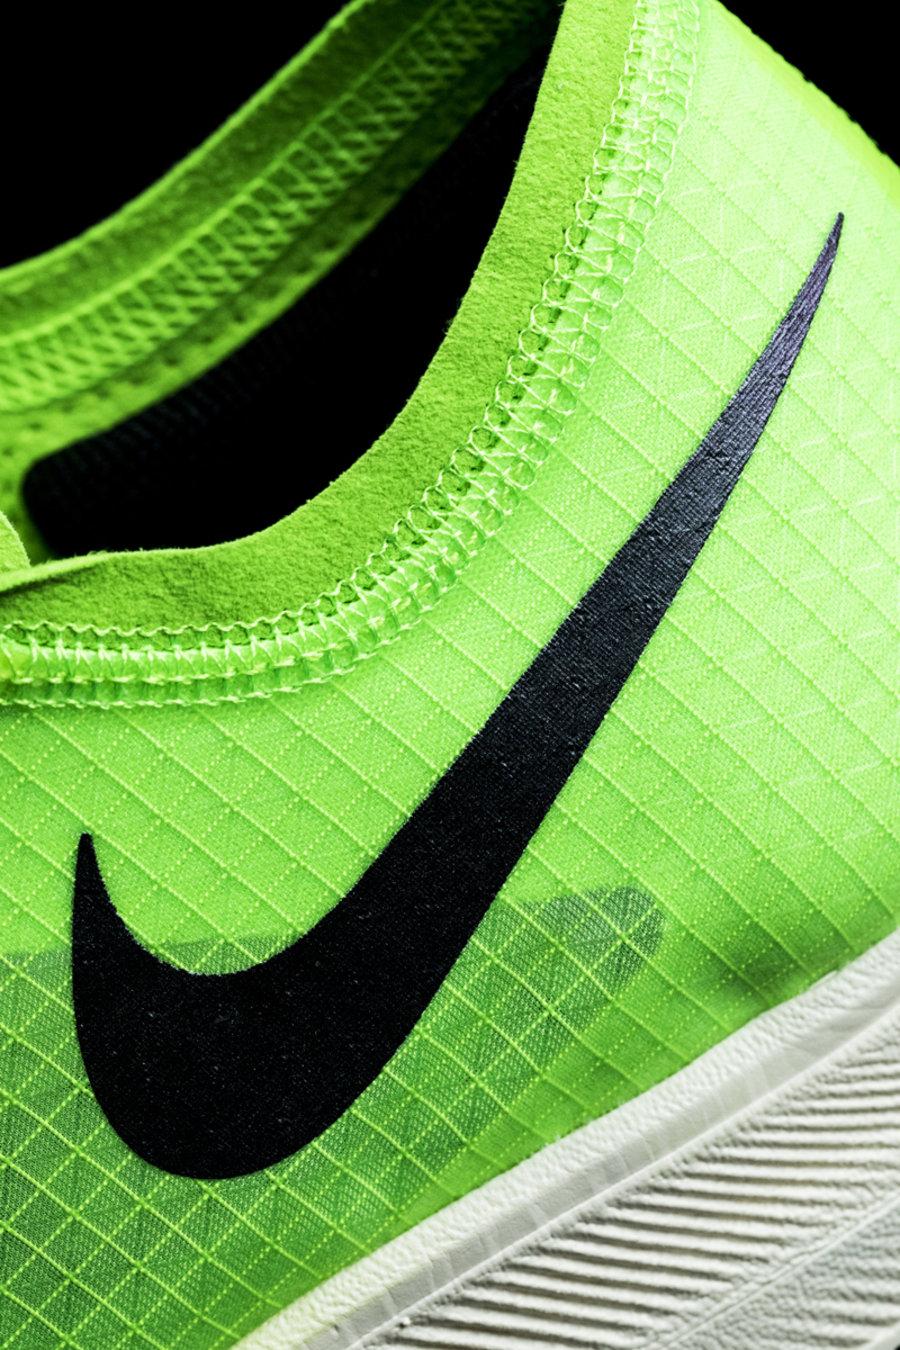 Nike,ZoomX Vaporfly NEXT%,上脚,开  融合 Nike 最顶尖科技!原价入手这双「年度超跑」真的不亏!